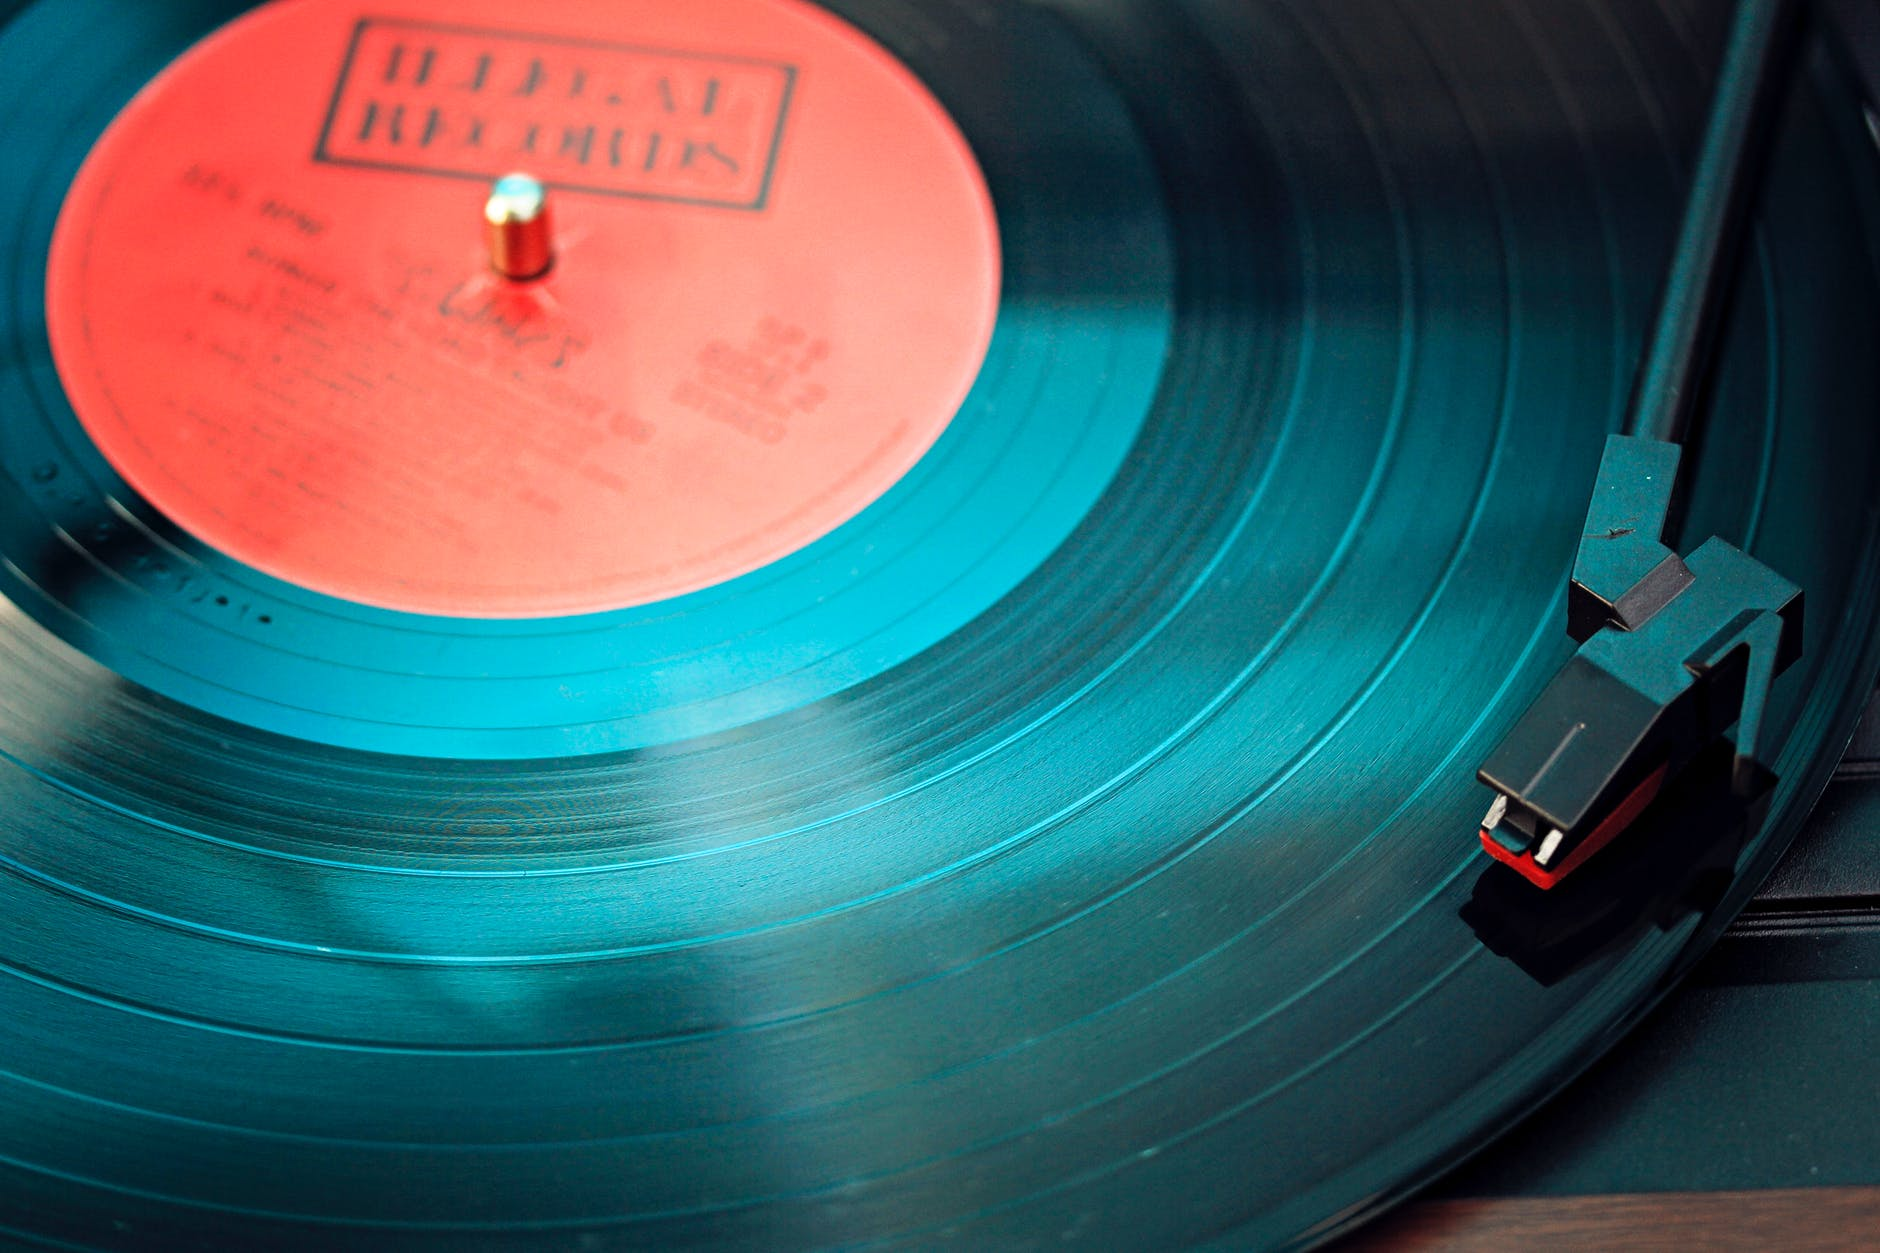 Gramofony se vrací do módy